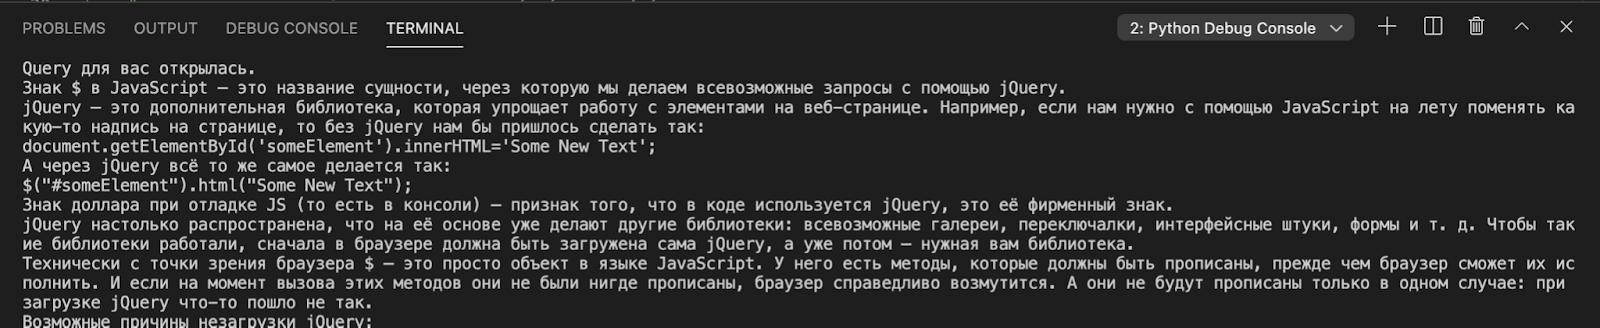 Генератор статей для Кода